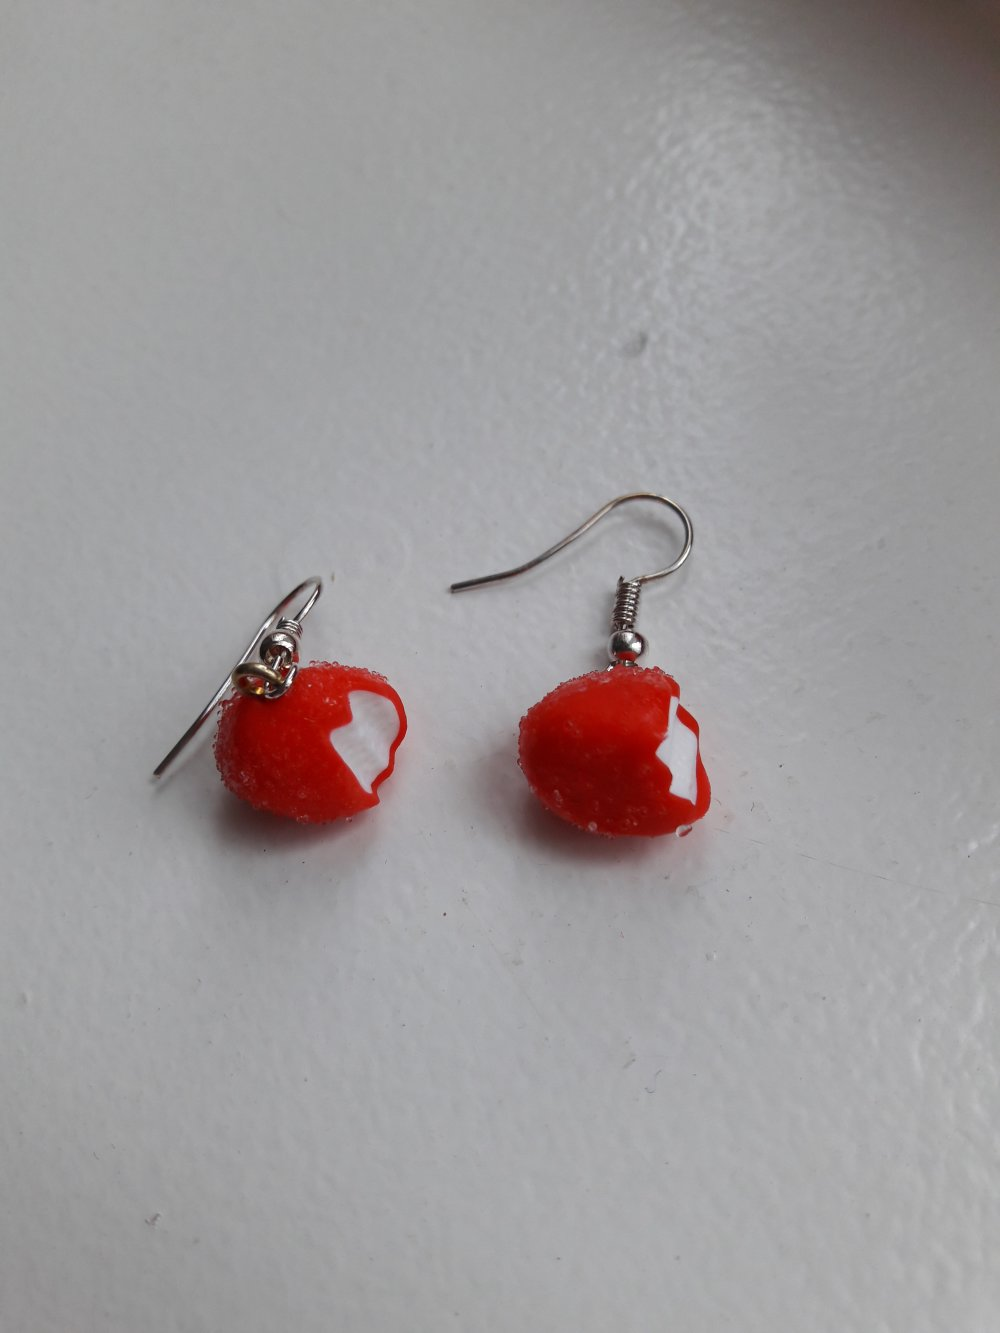 Boucles d'oreilles fraises tagada